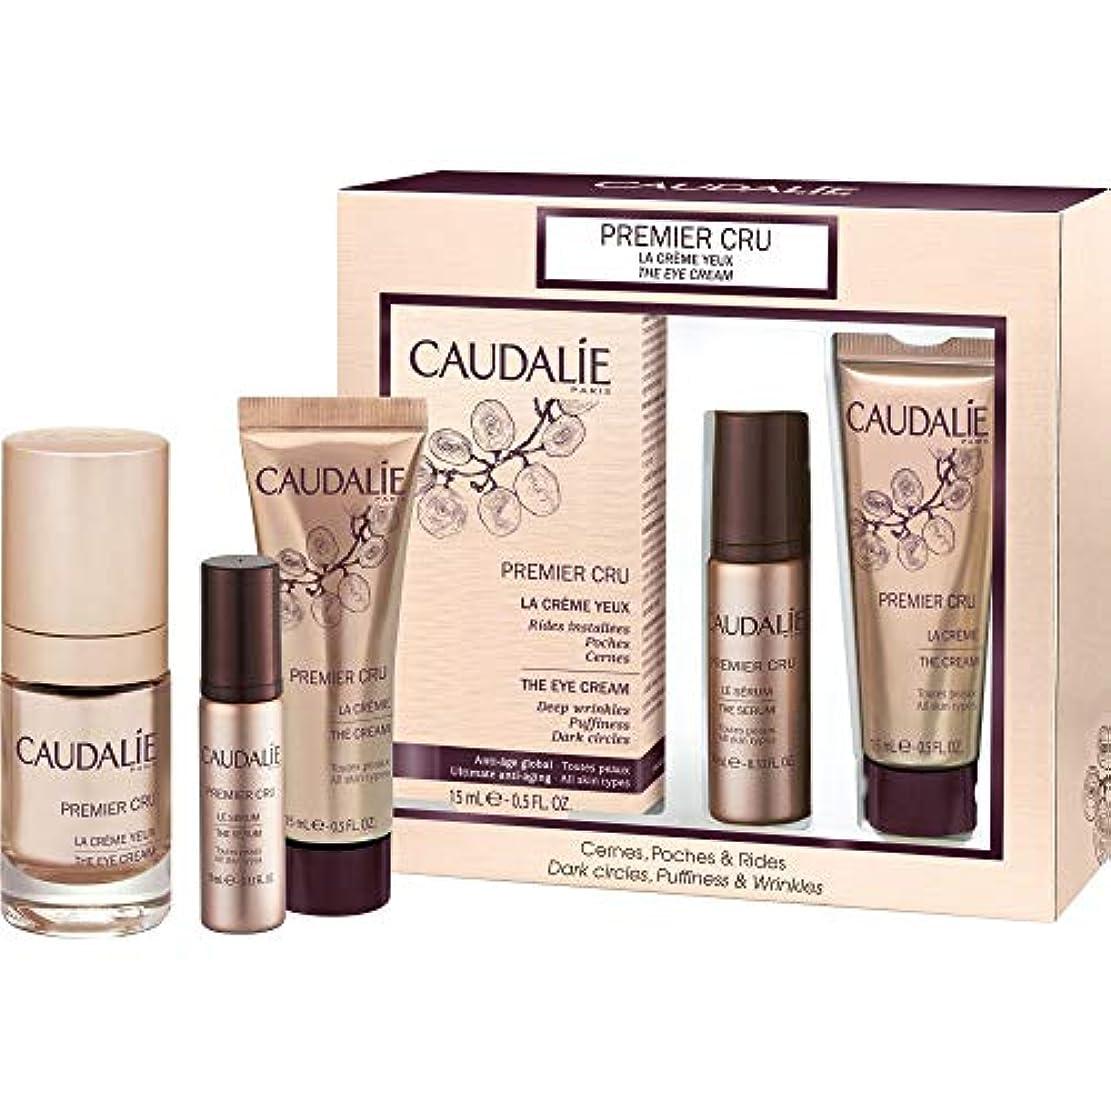 トランザクション手順コーチ[Caudalie] コーダリープレミアは、アイクリーム15ミリリットルのギフトセットをCru - Caudalie Premier Cru The Eye Cream 15ml Gift Set [並行輸入品]